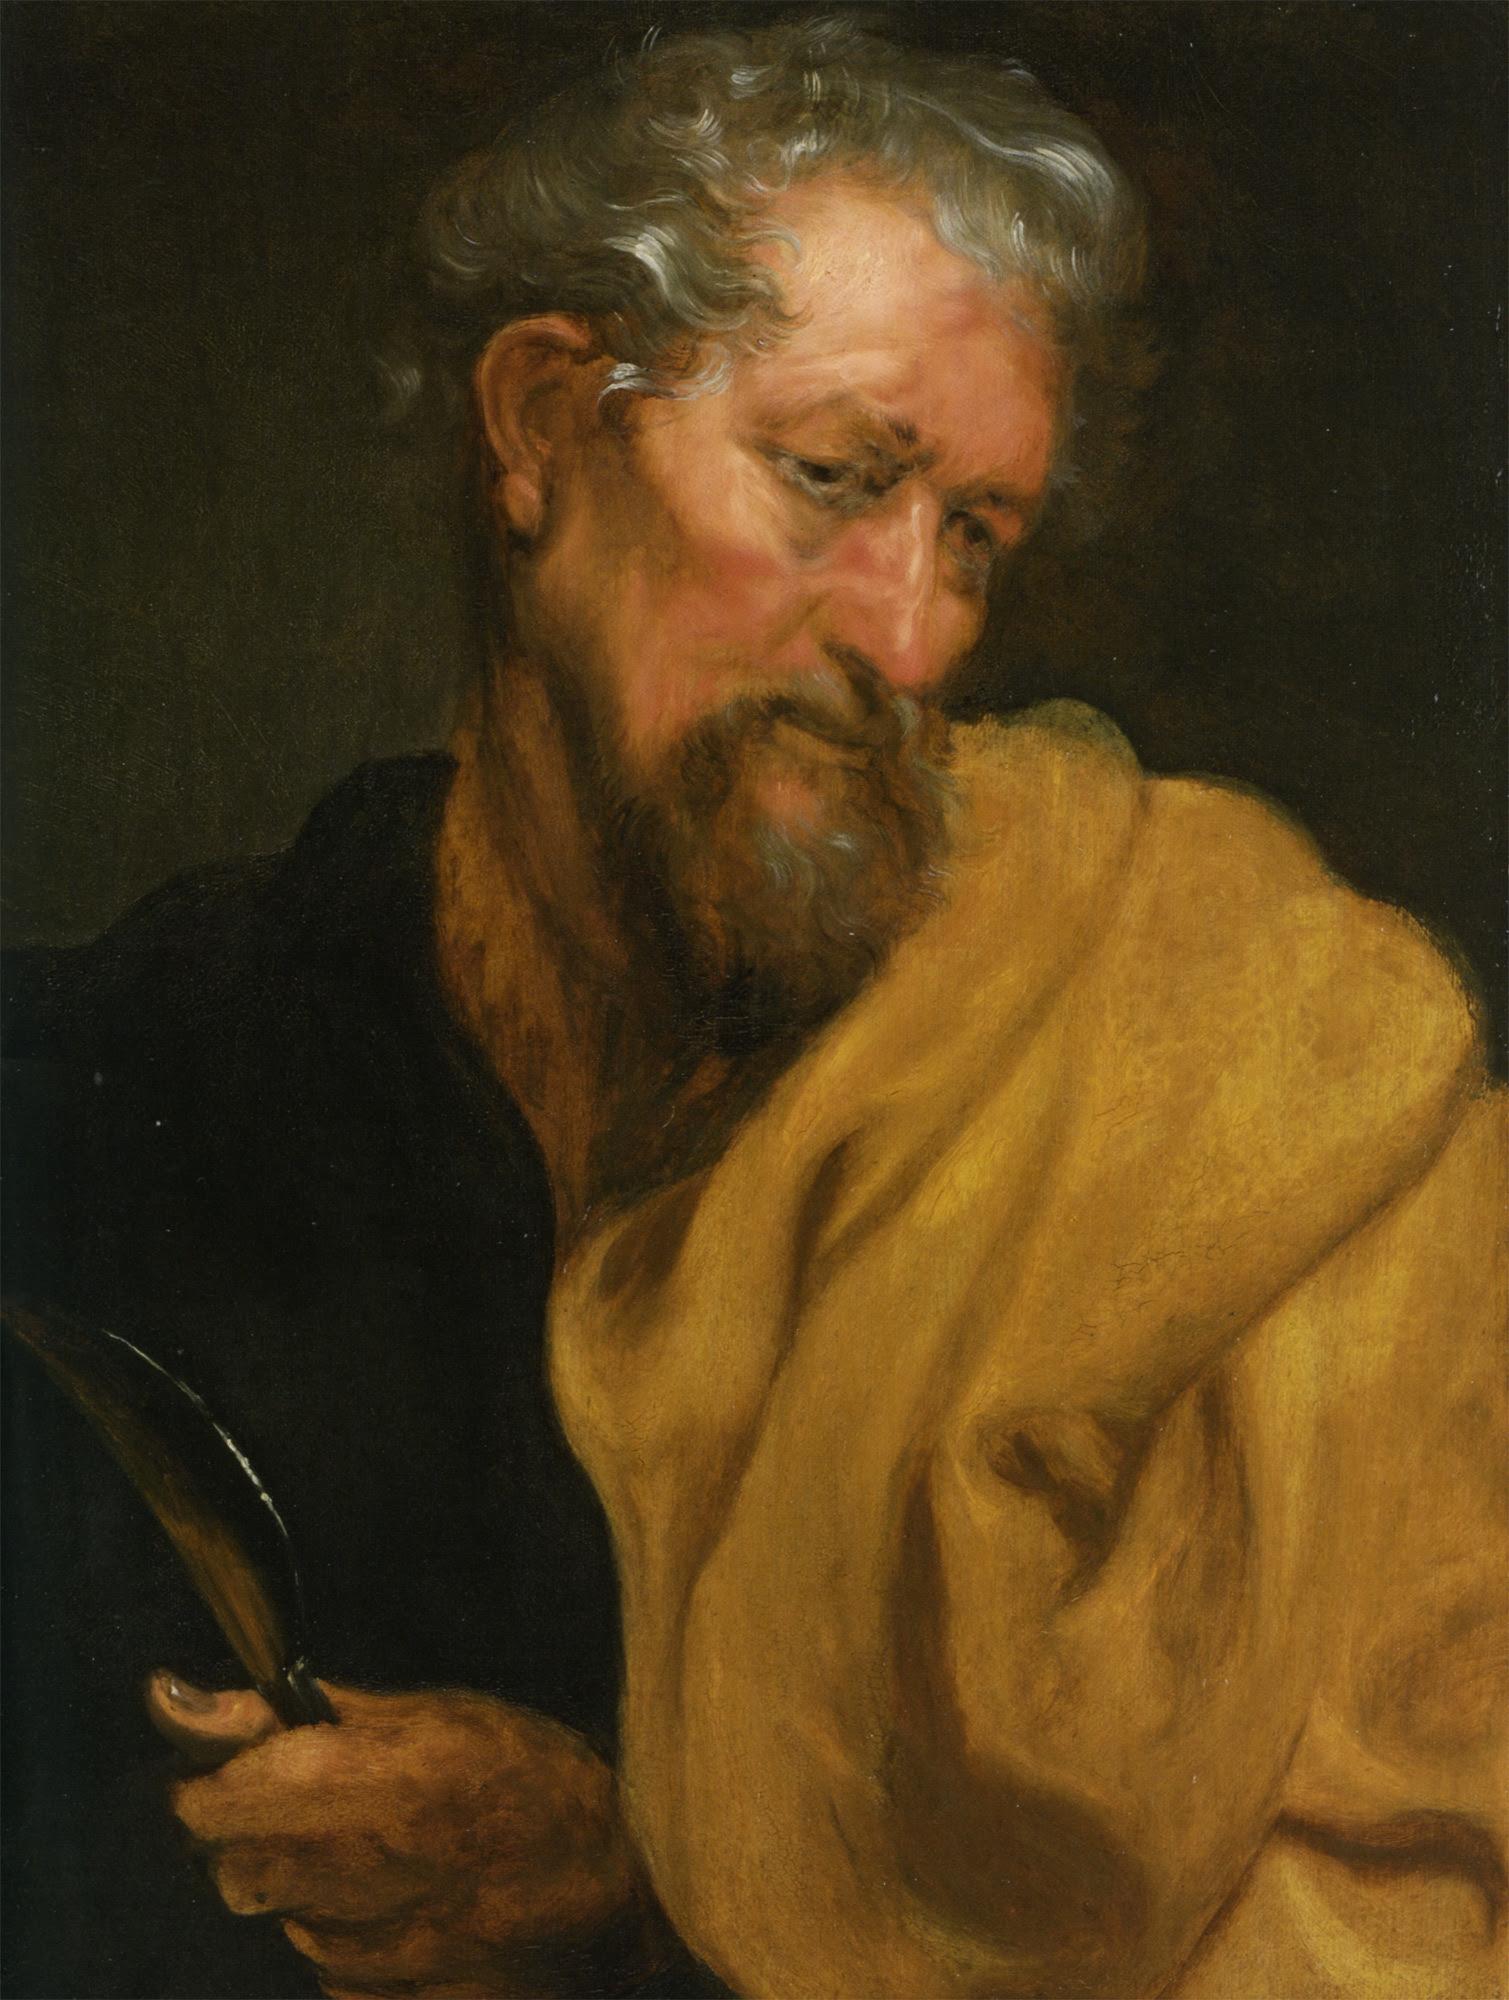 IMG ST. BARTHOLOMEW the Apostle